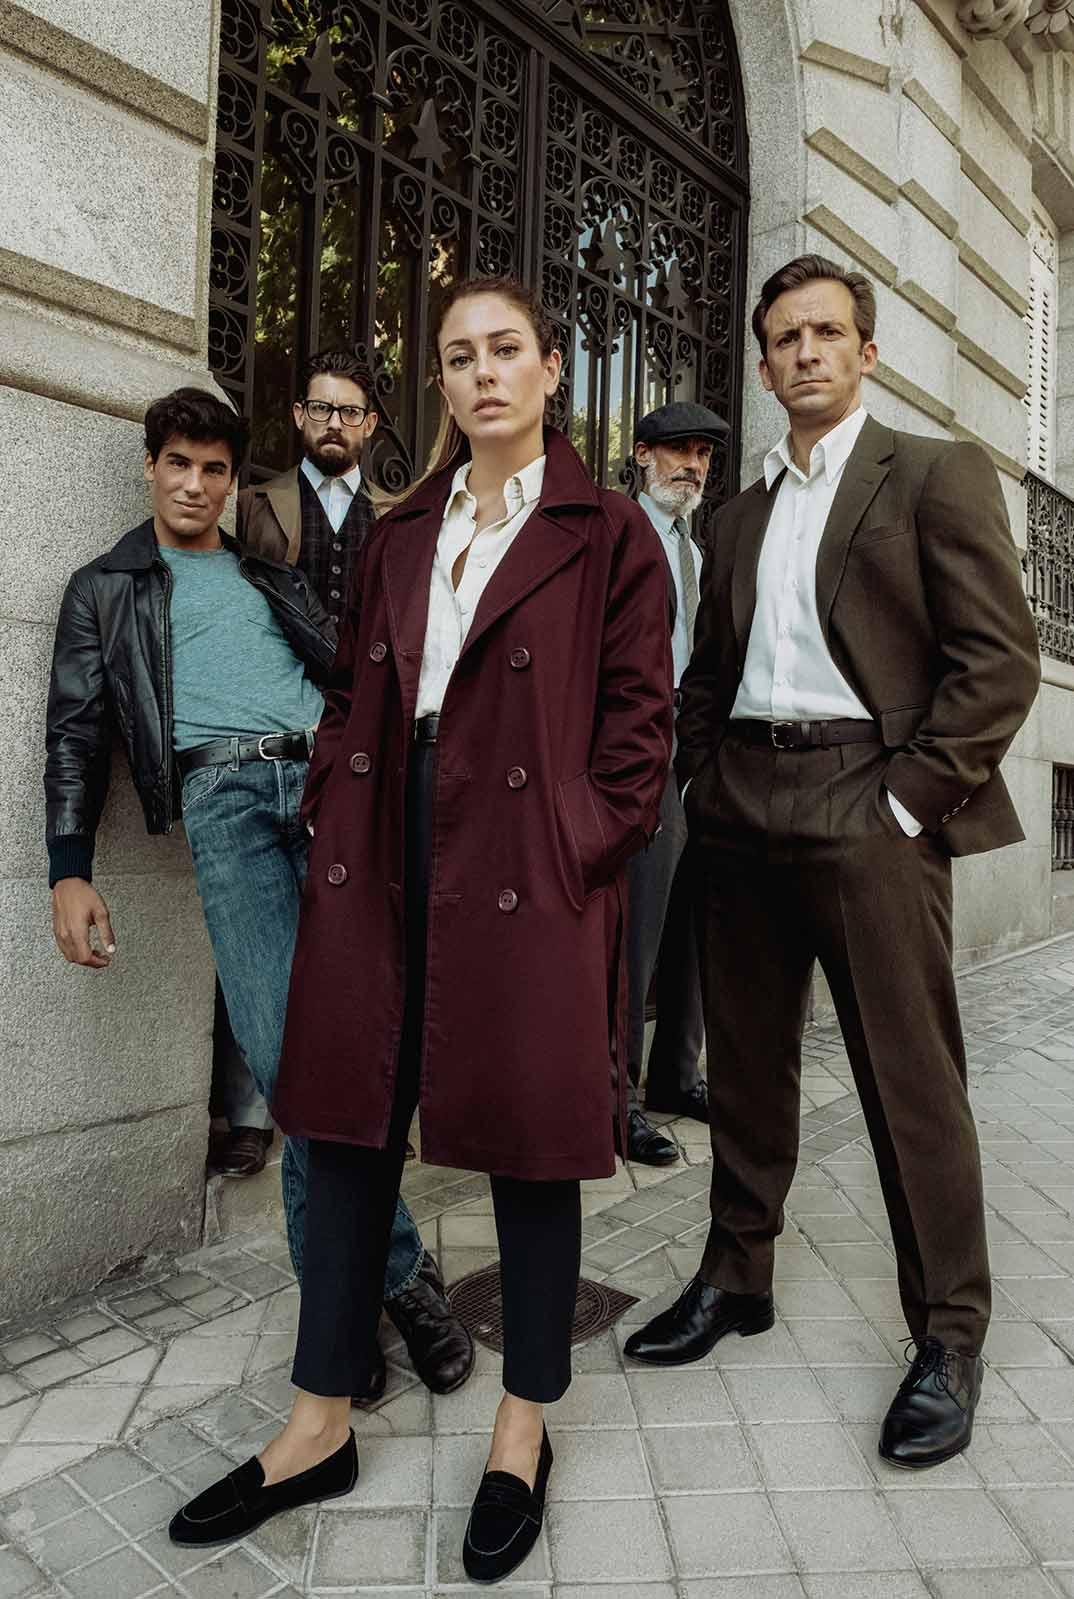 Blanca Suárez con Iván Marcos, Francesc Garrido, Adrián Lastra y Óscar Casas - Jaguar © Netflix